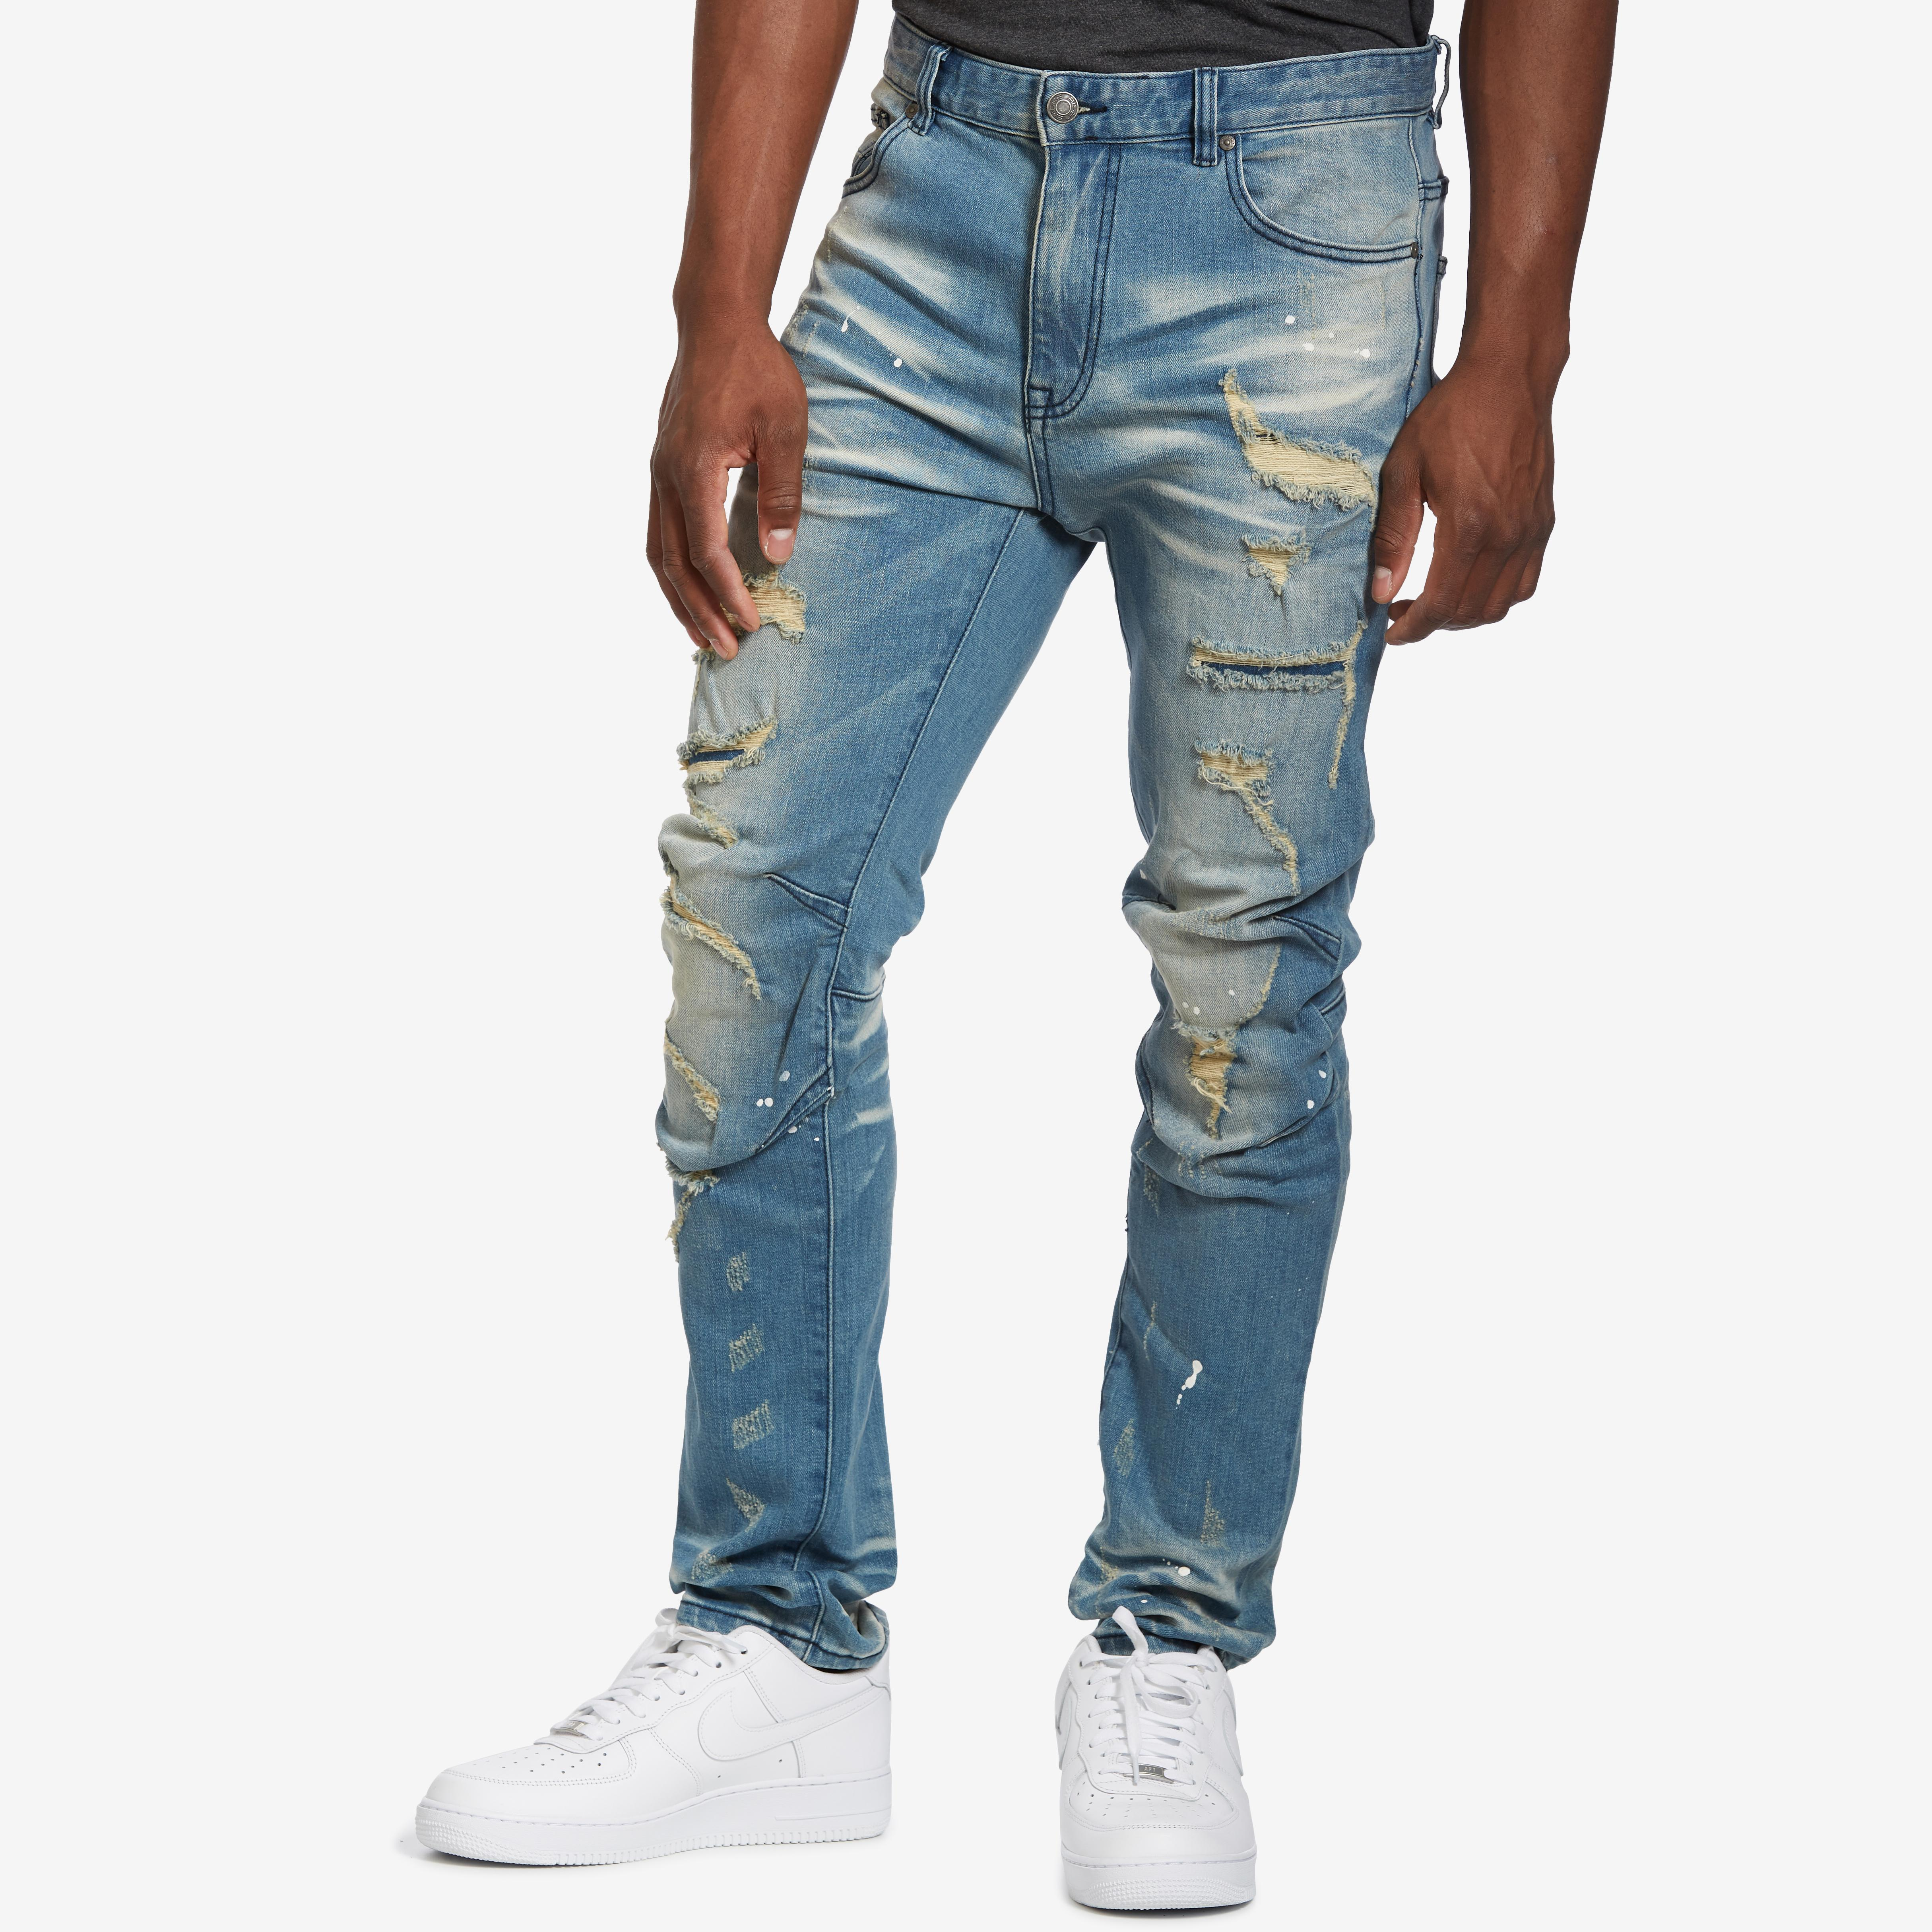 5 Pocket Knee Jeans